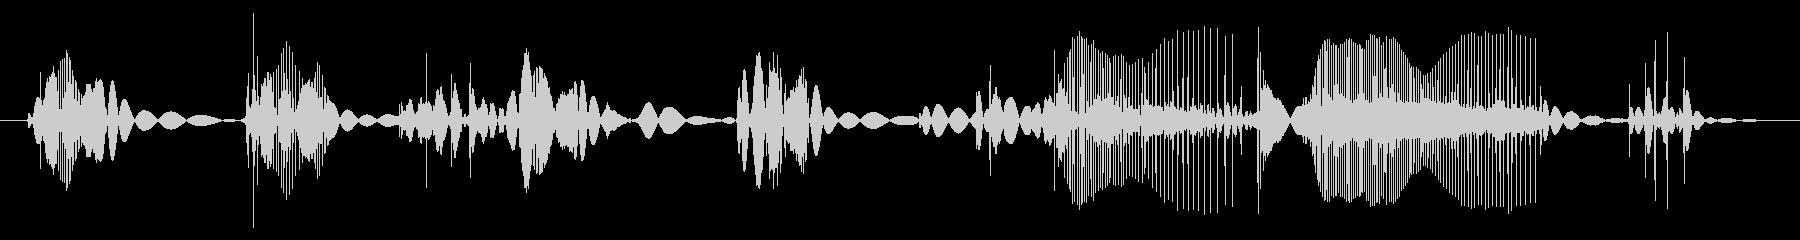 ビニールレコードターンテーブルプレ...の未再生の波形